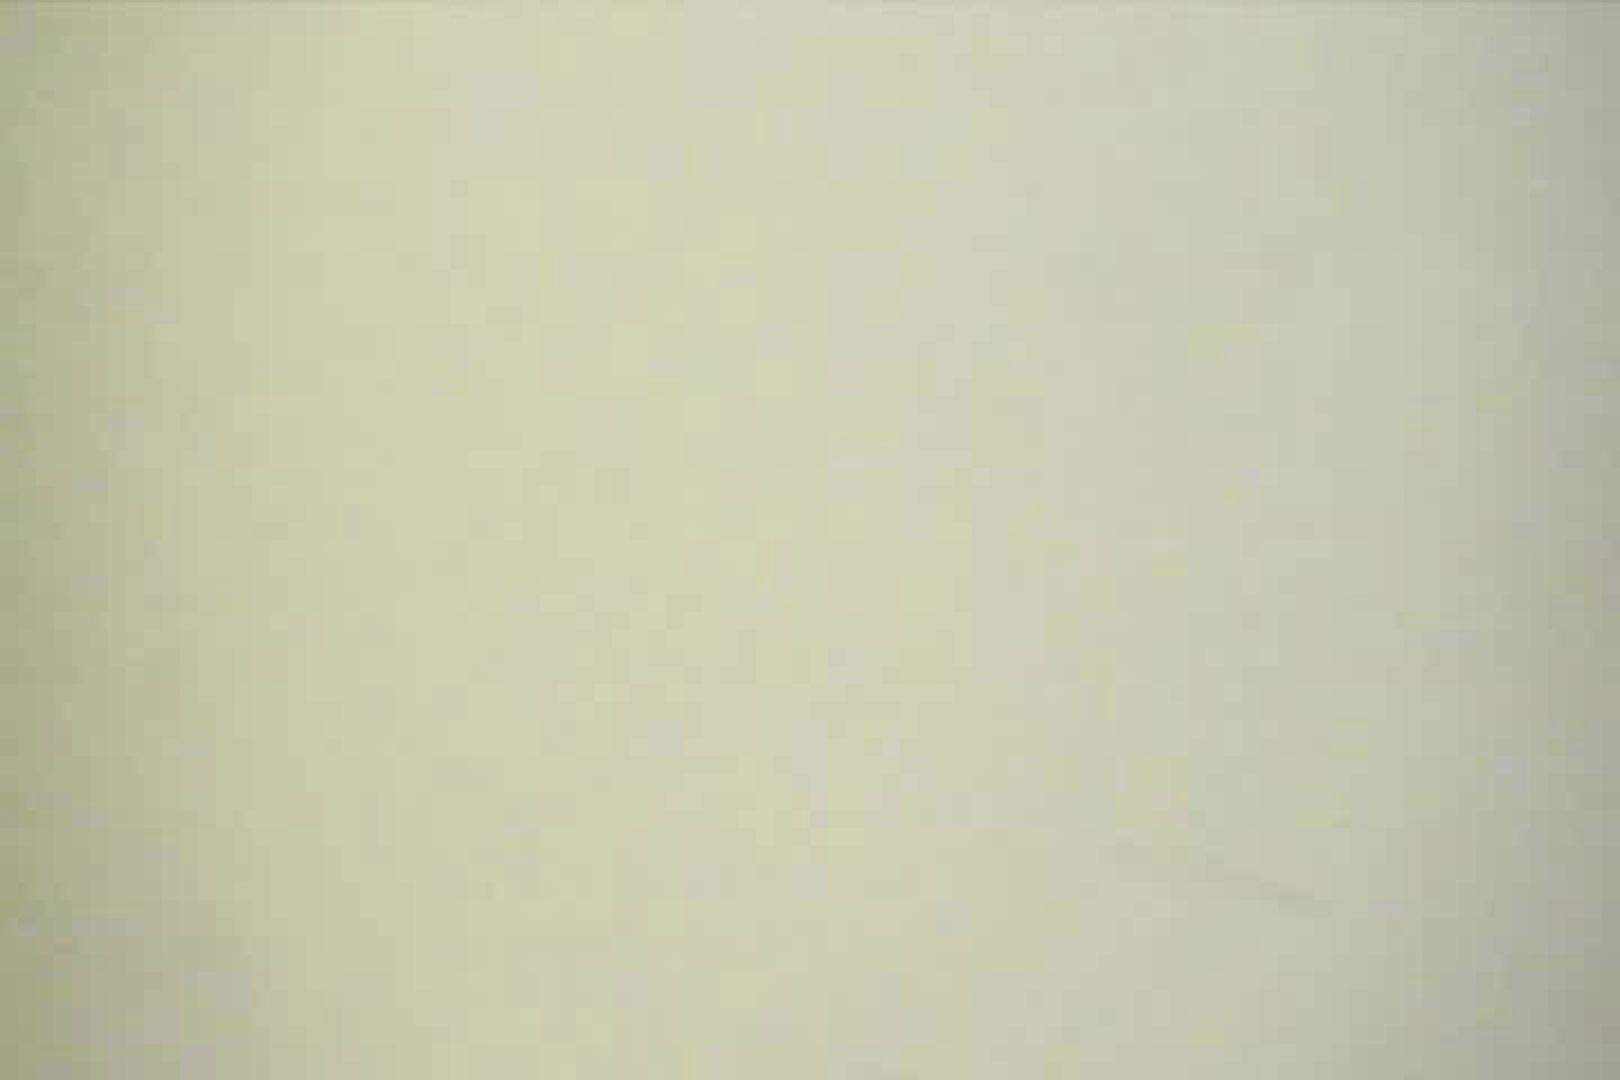 マンコ丸見え女子洗面所Vol.24 洗面所 | 丸見えマンコ  91PIX 77